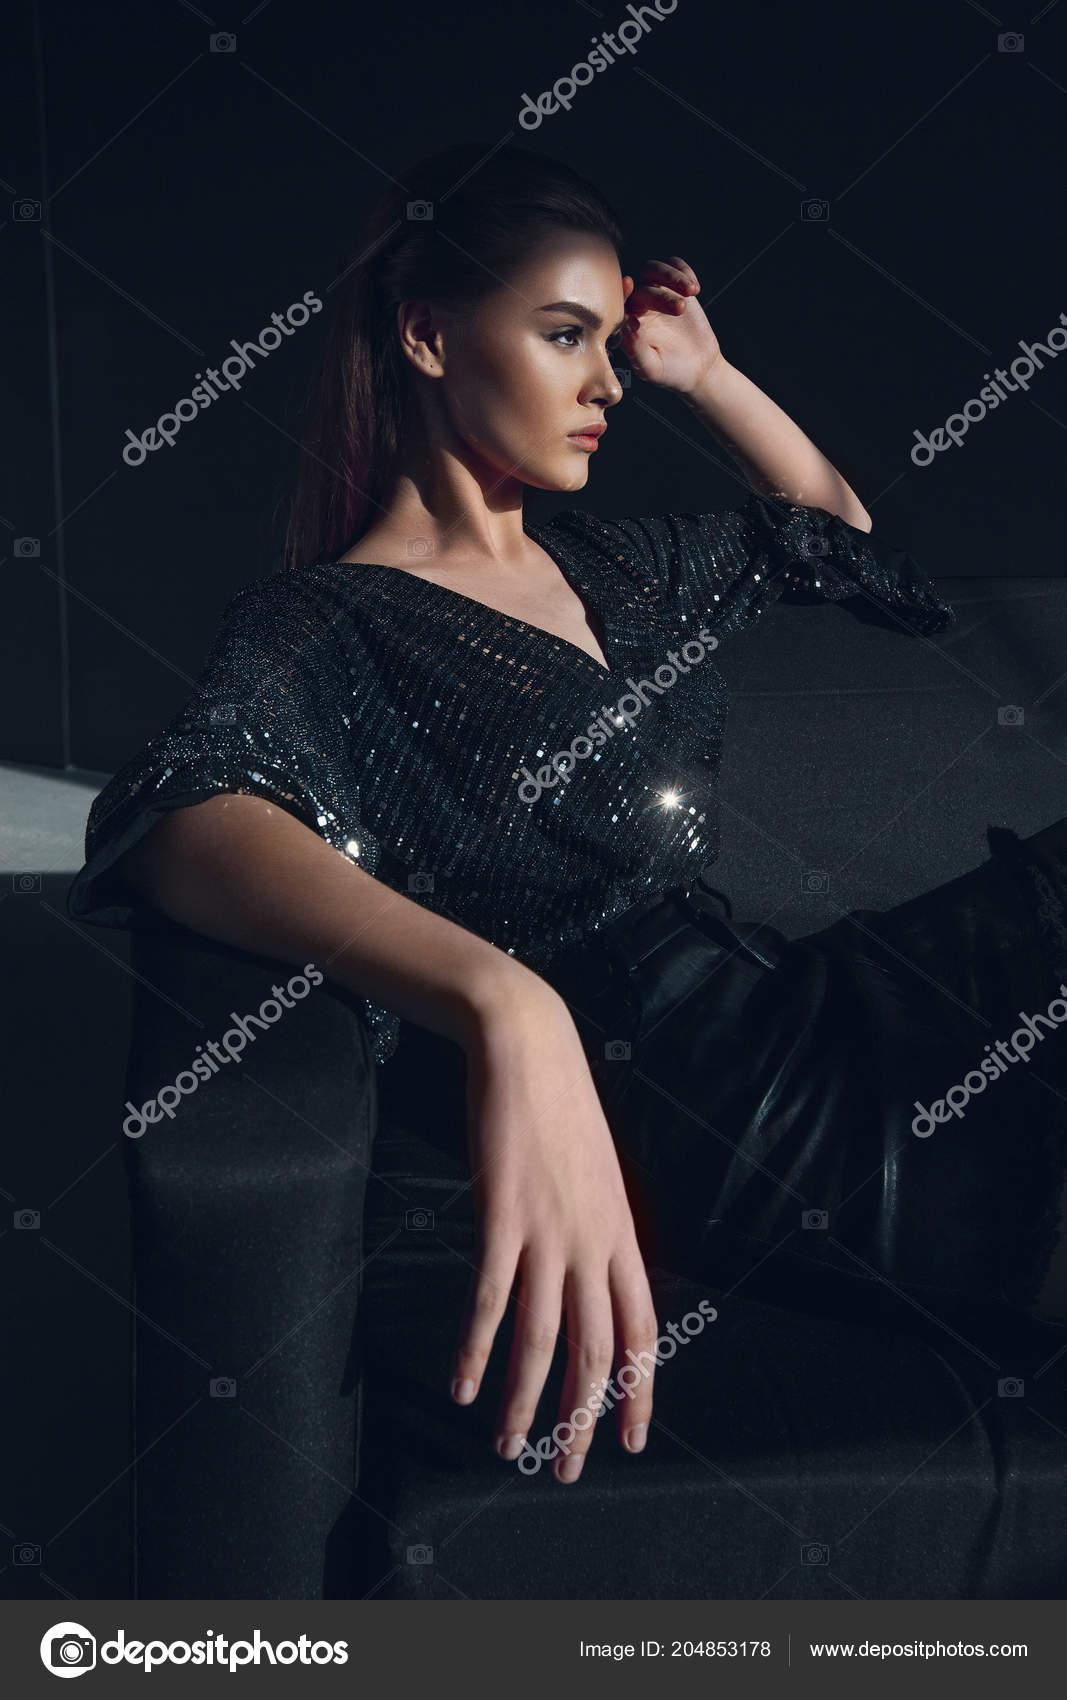 bd3005f5efb1 Giovane ragazza elegante in vestito nero lucido in paillettes. Ritratto di  bellezza– immagine stock